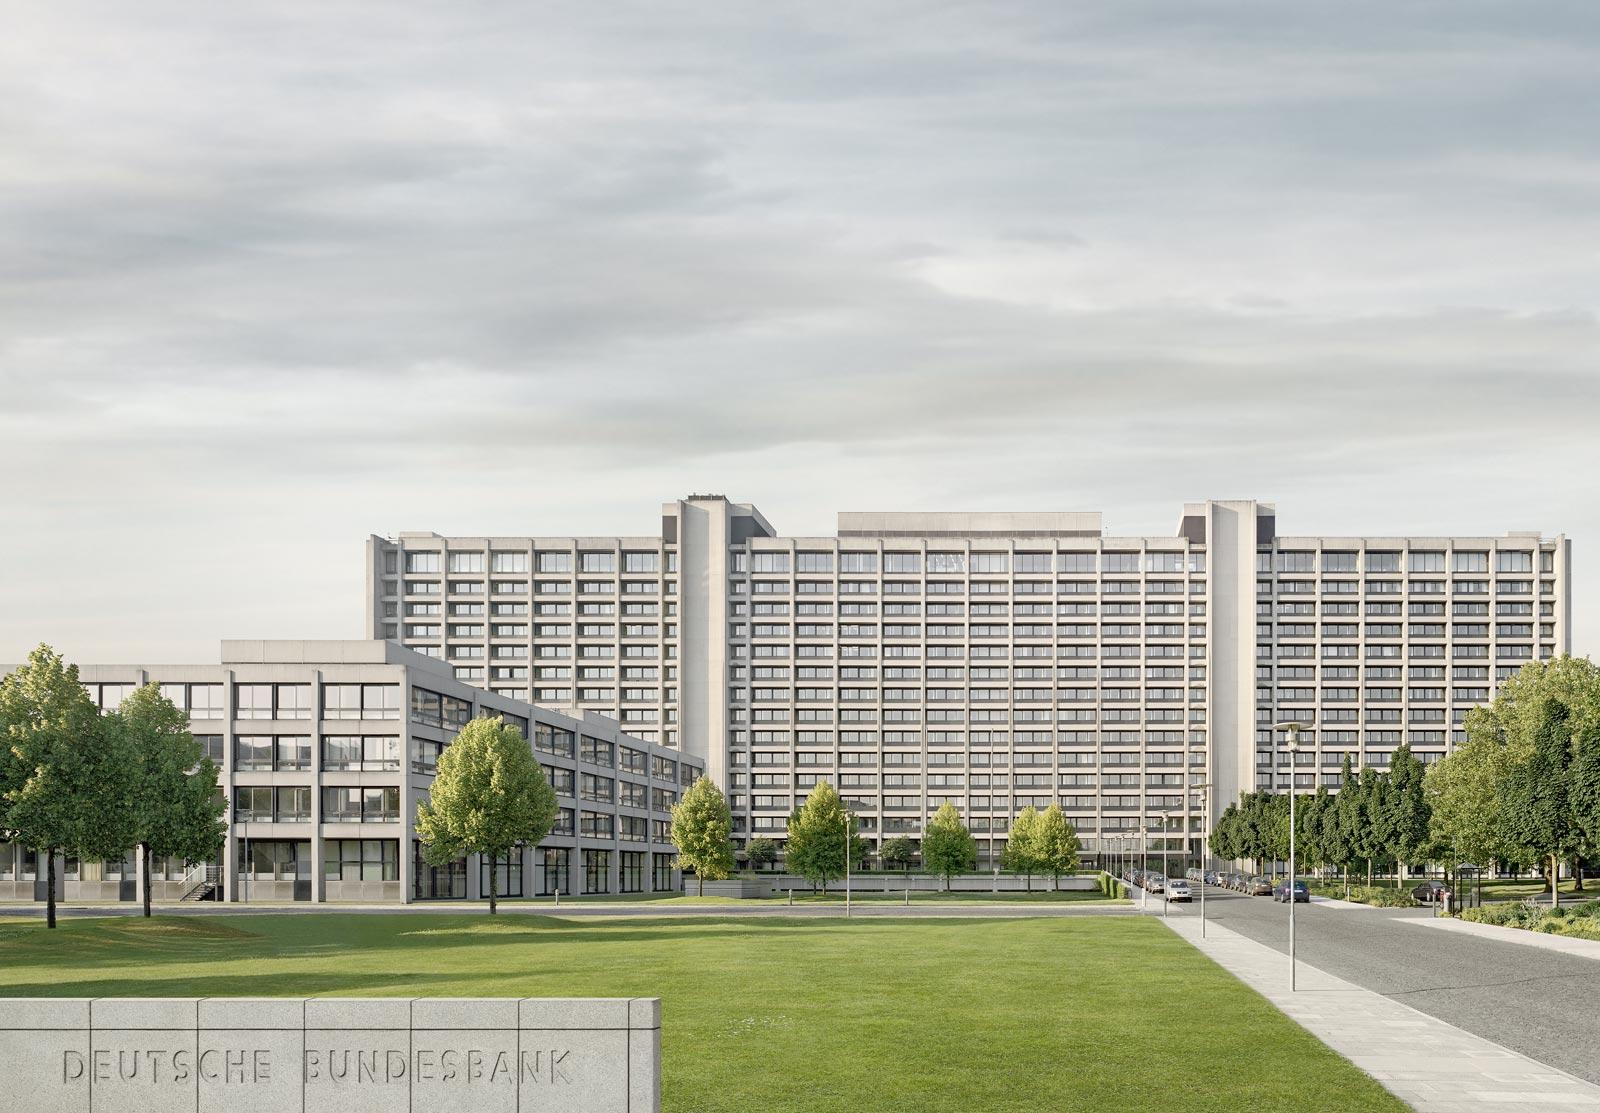 Kritik von Bundesbank-Präsident Weidmann alarmiert EZB